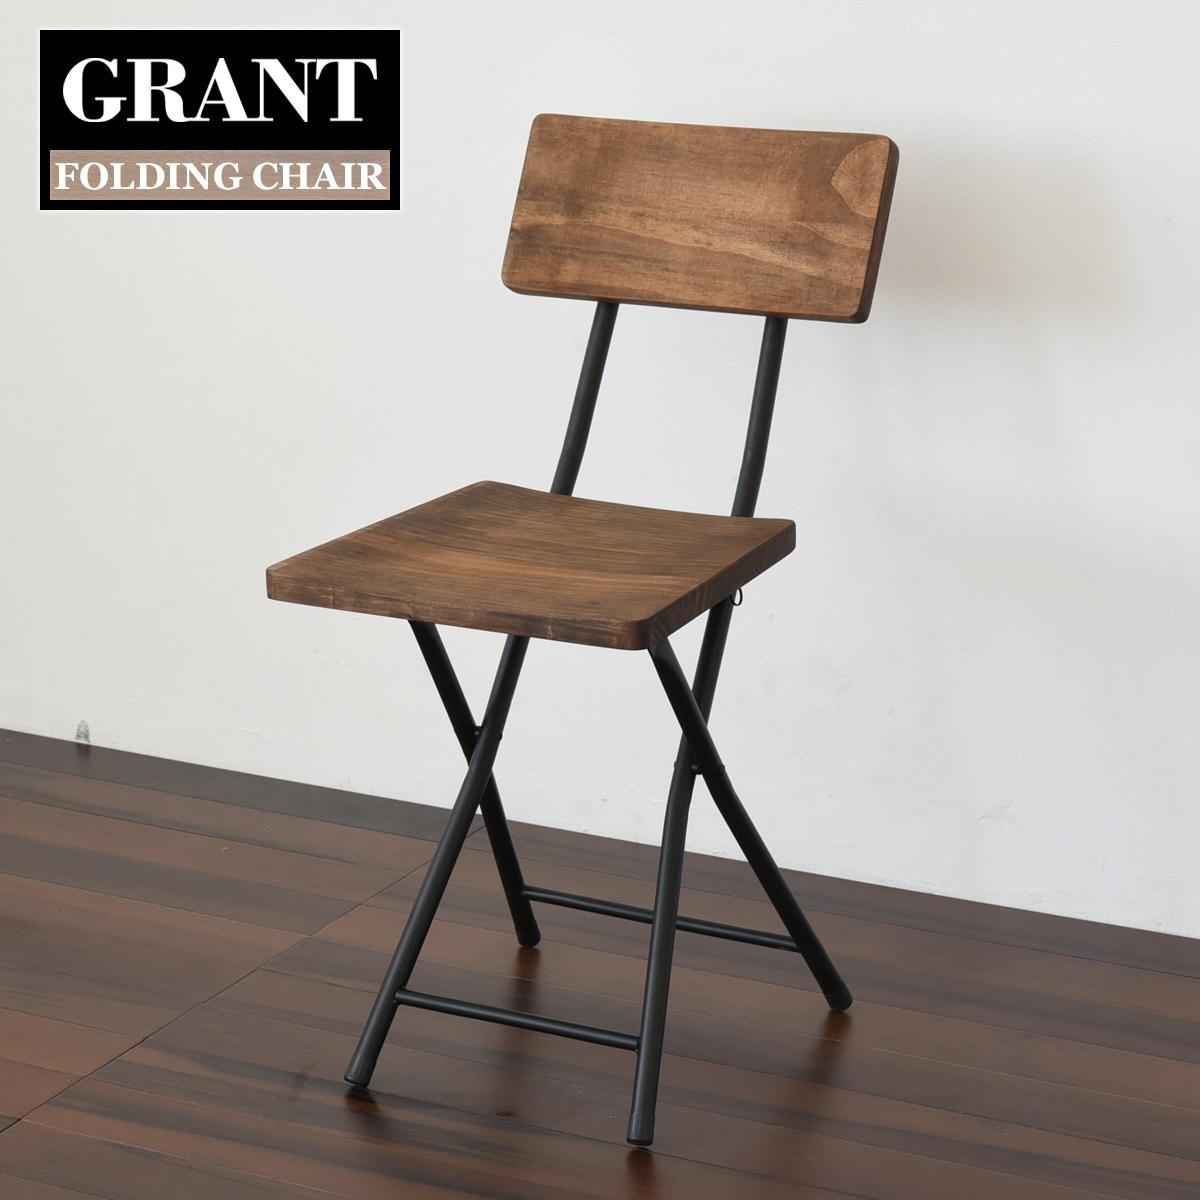 GRANT 折りたたみチェアー W340×D490×H750(SH455)mm 【送料無料 SALE】 グラント 椅子 イス お洒落 オシャレ 家具 インテリア GRFC-340